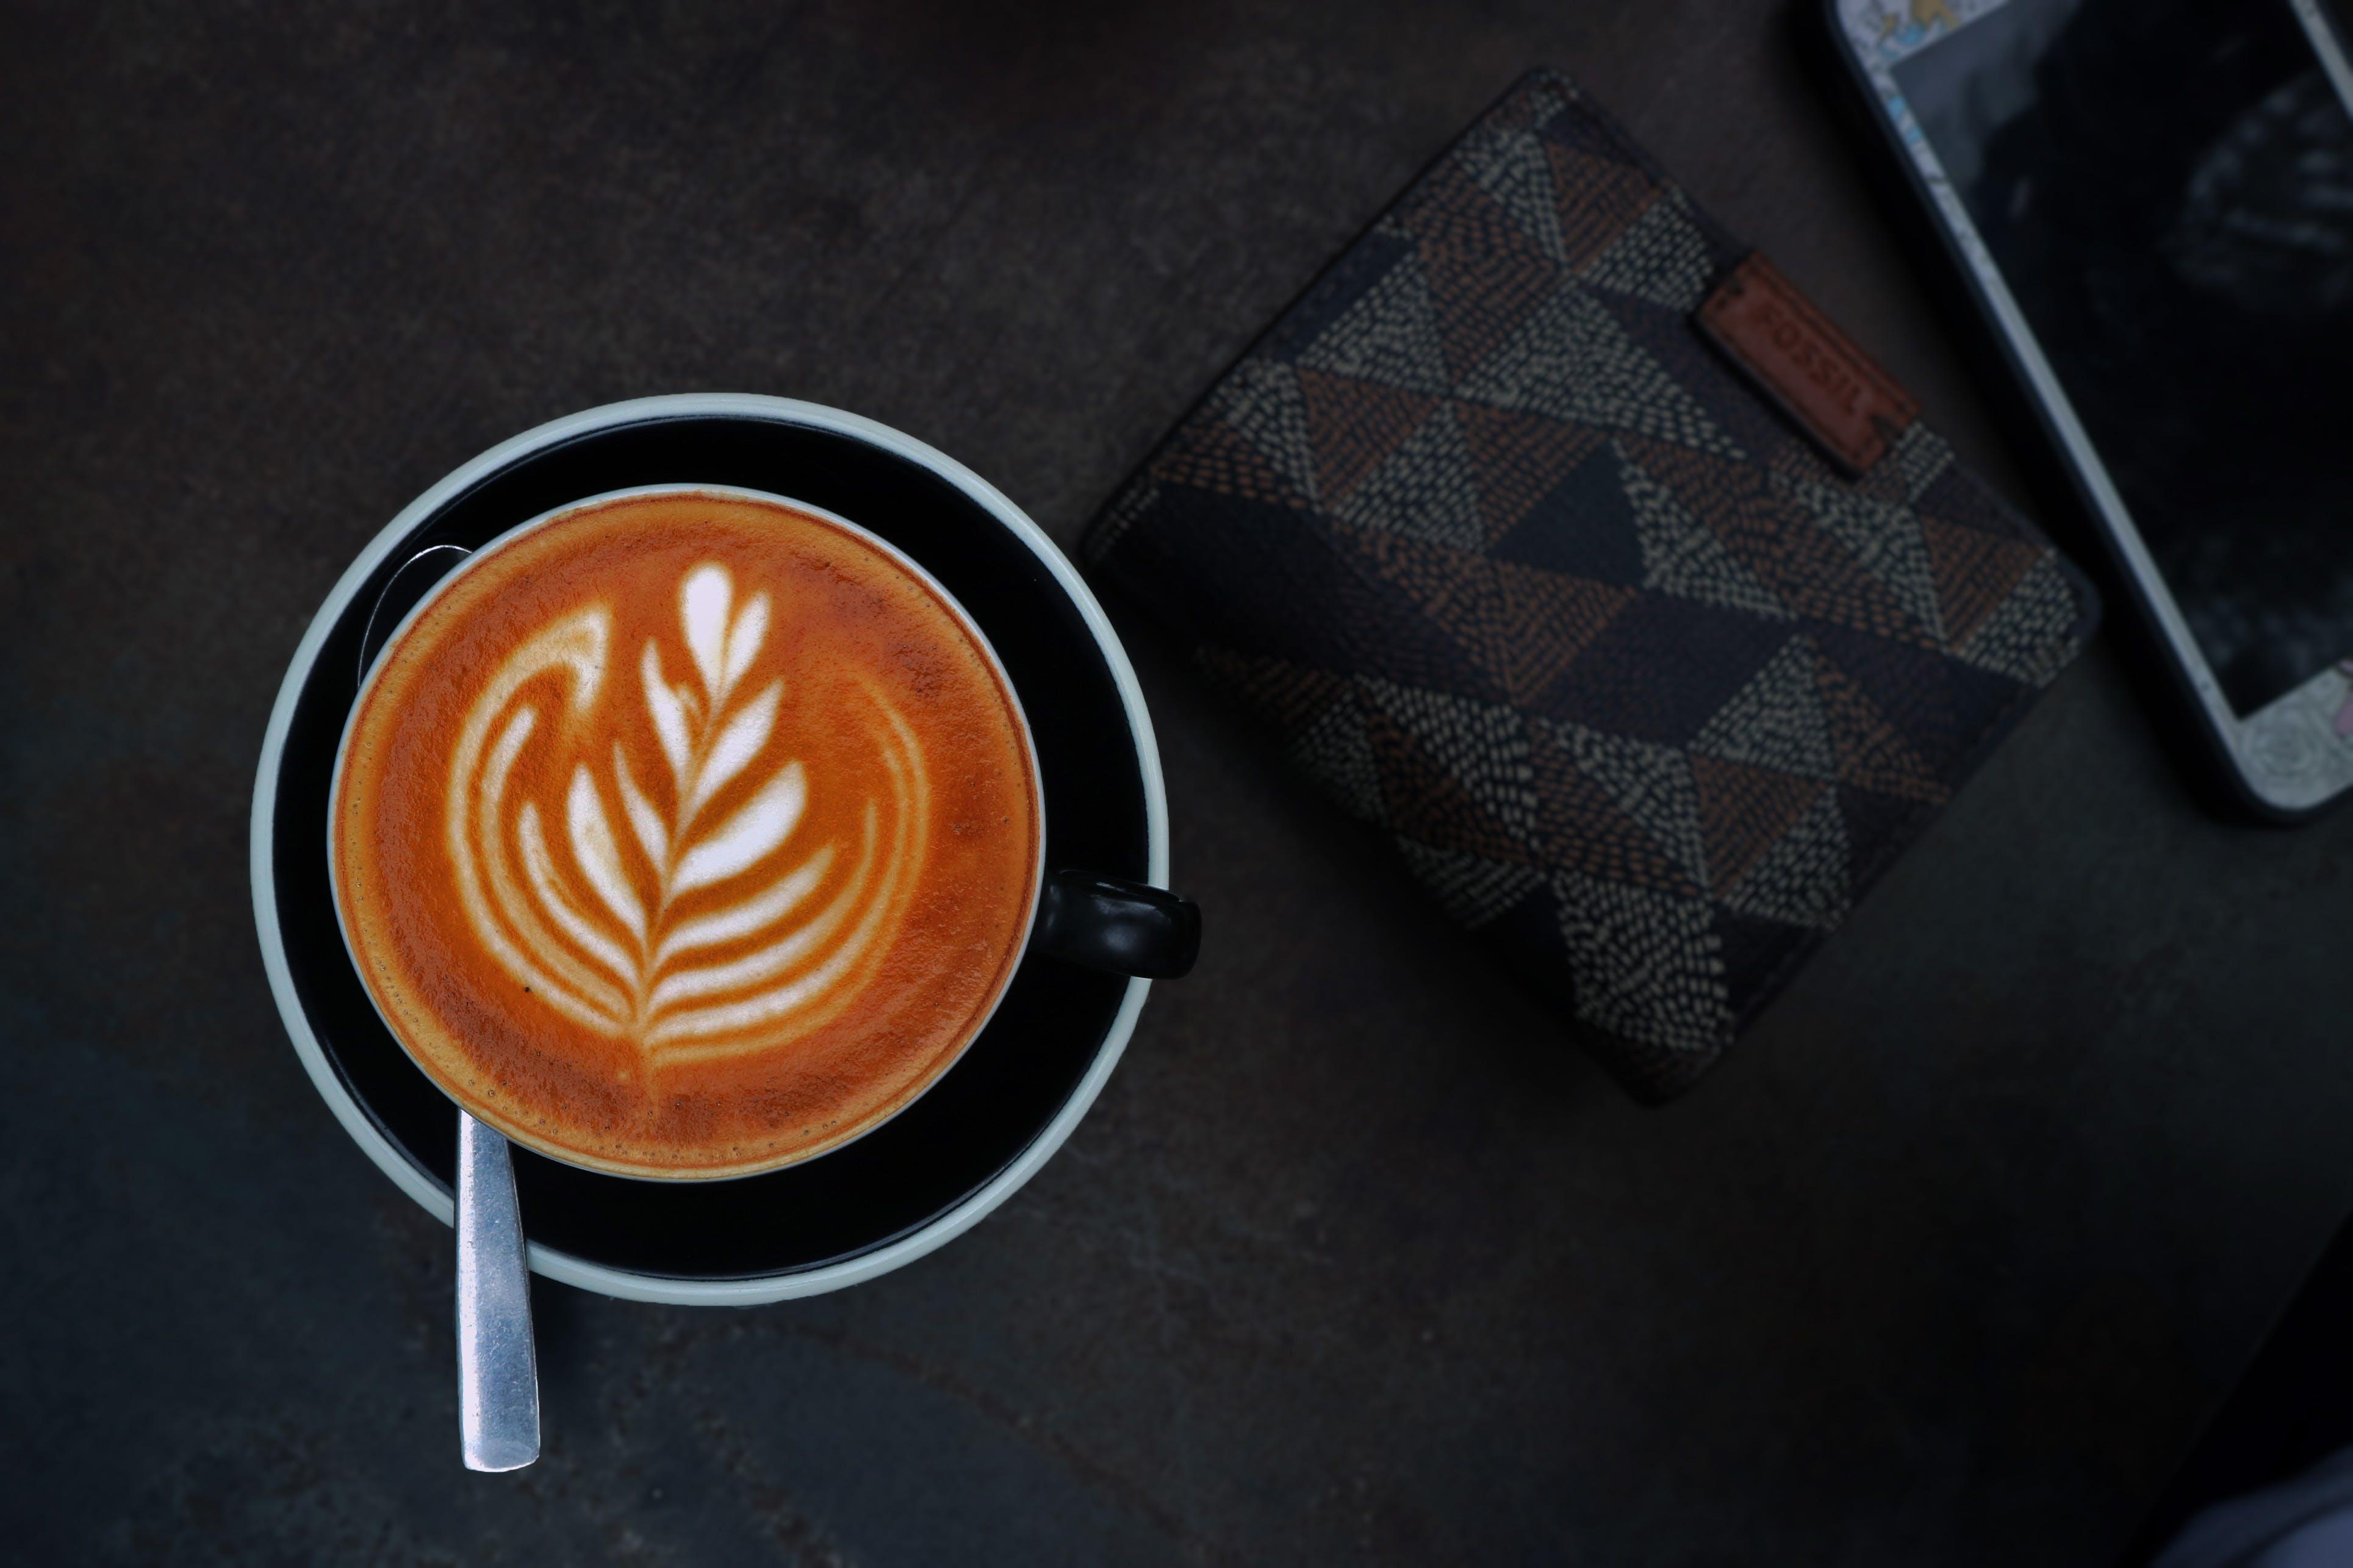 おいしい, カップ, カフェイン, カプチーノの無料の写真素材